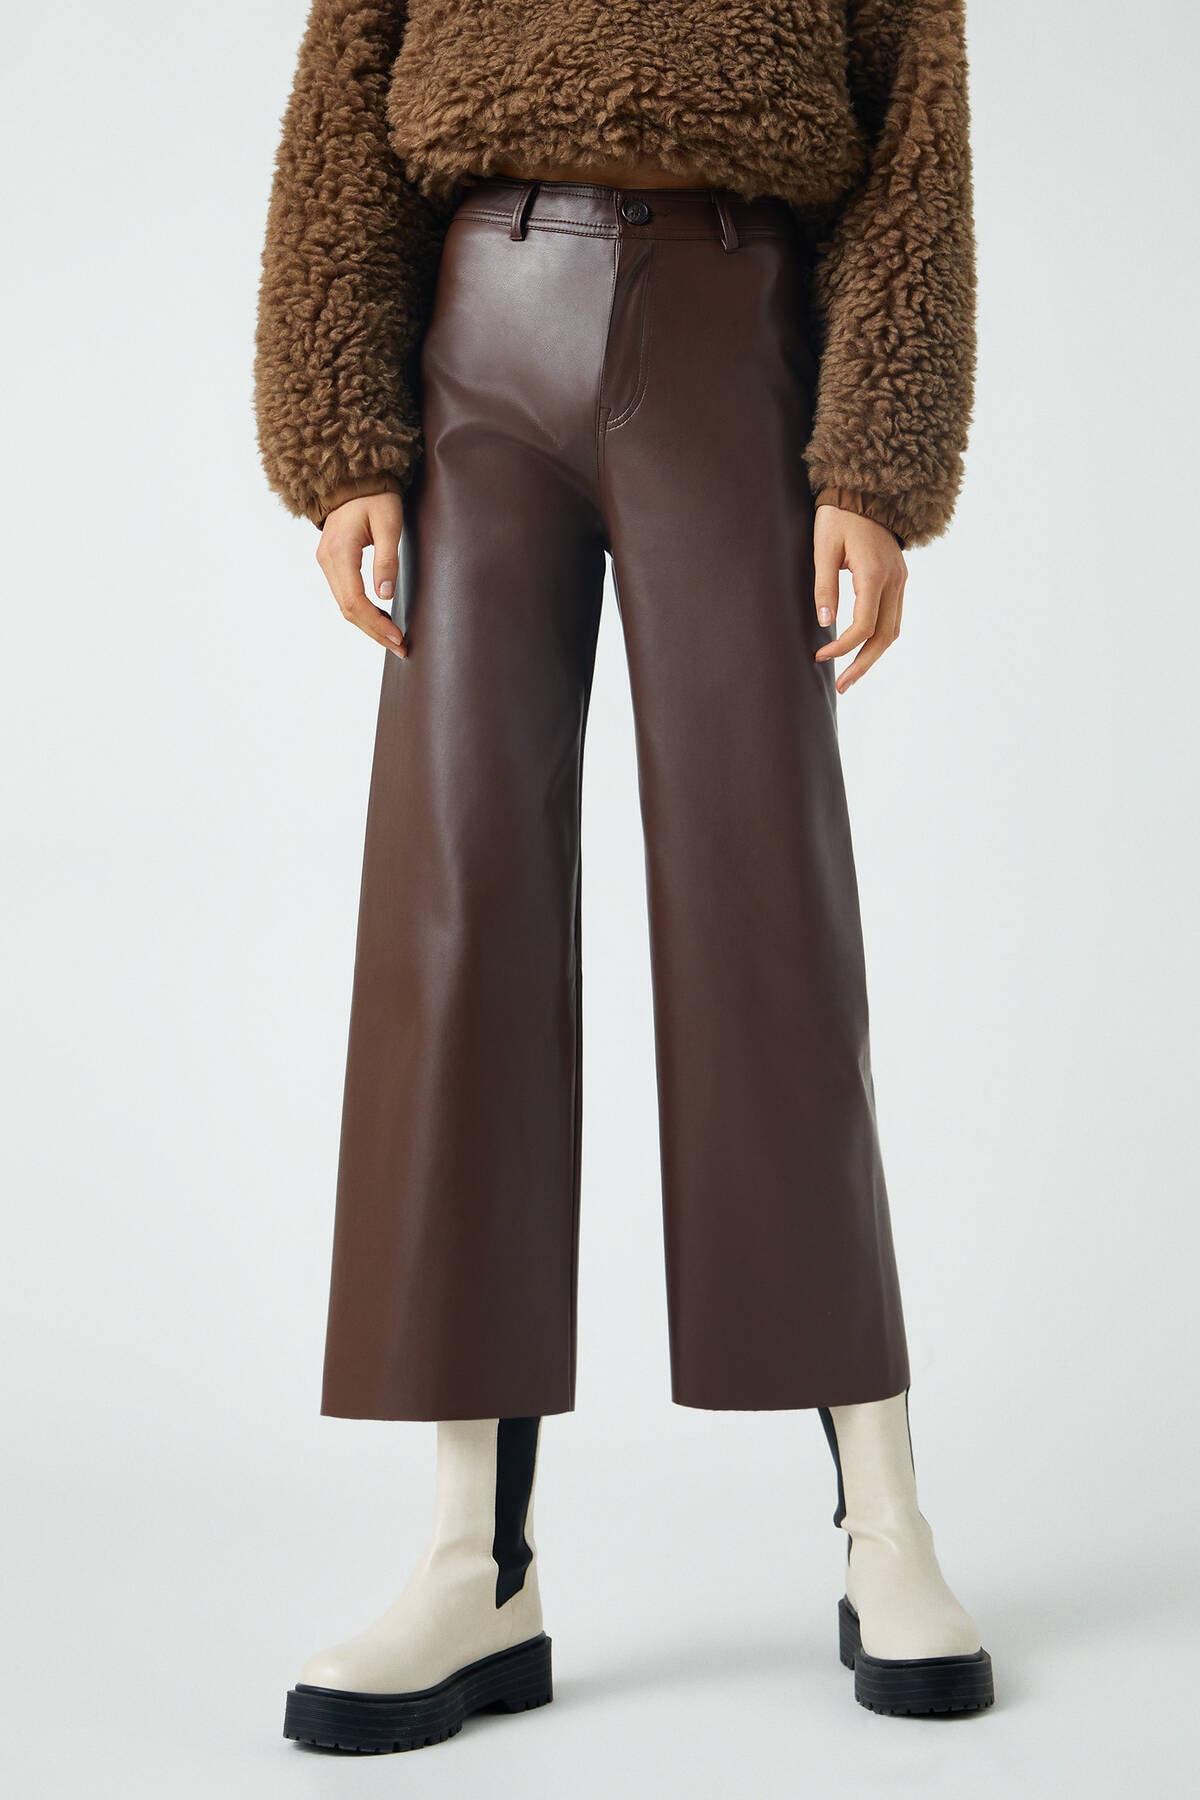 Pull & Bear Kadın Kahverengi Suni Deri Yüksek Bel Pantolon 09672329 2